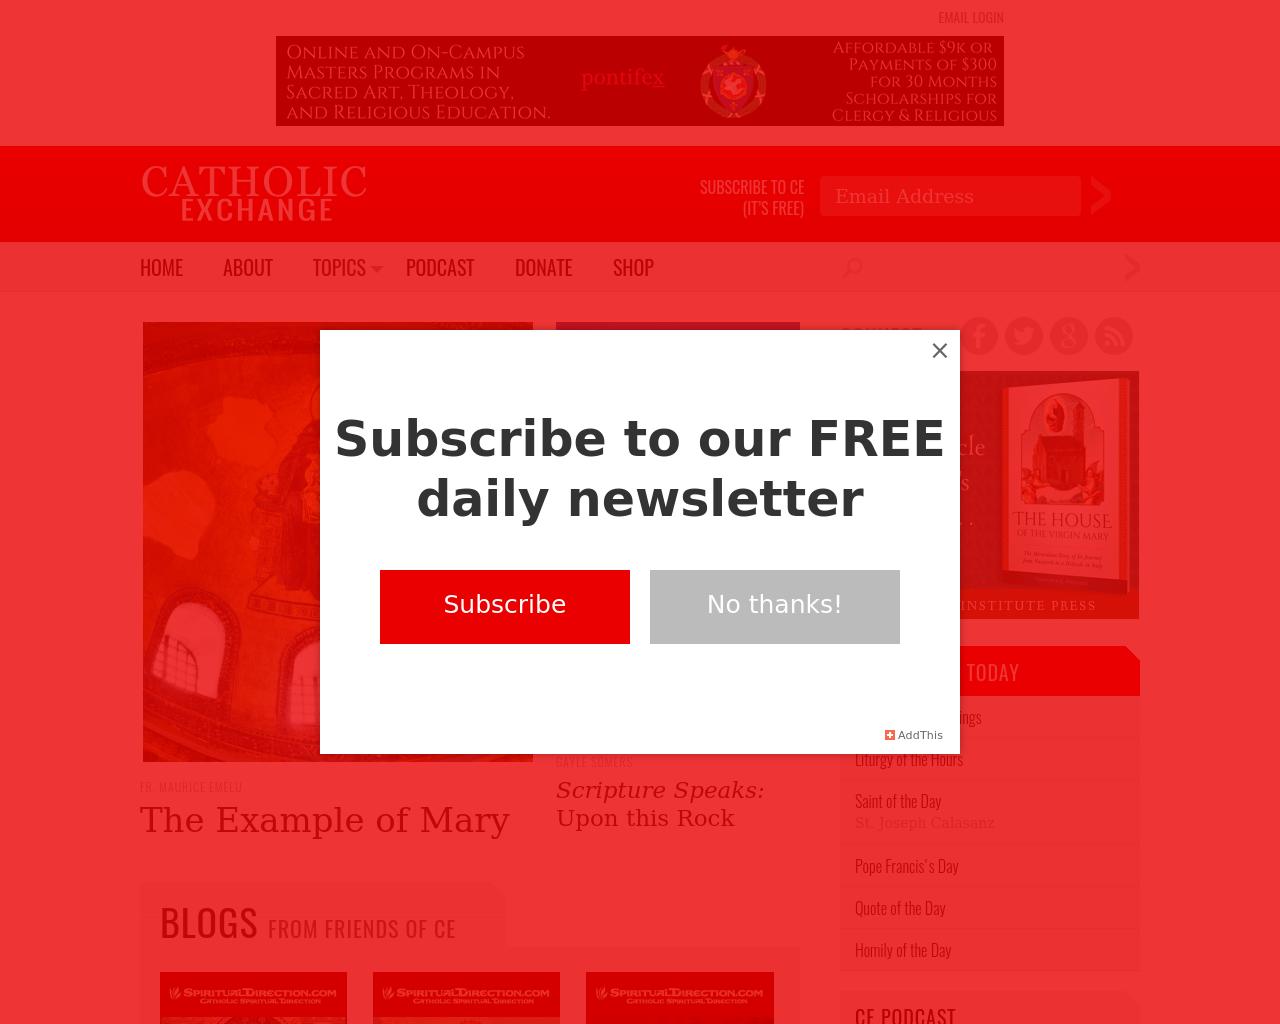 Catholic-Exchange-Advertising-Reviews-Pricing